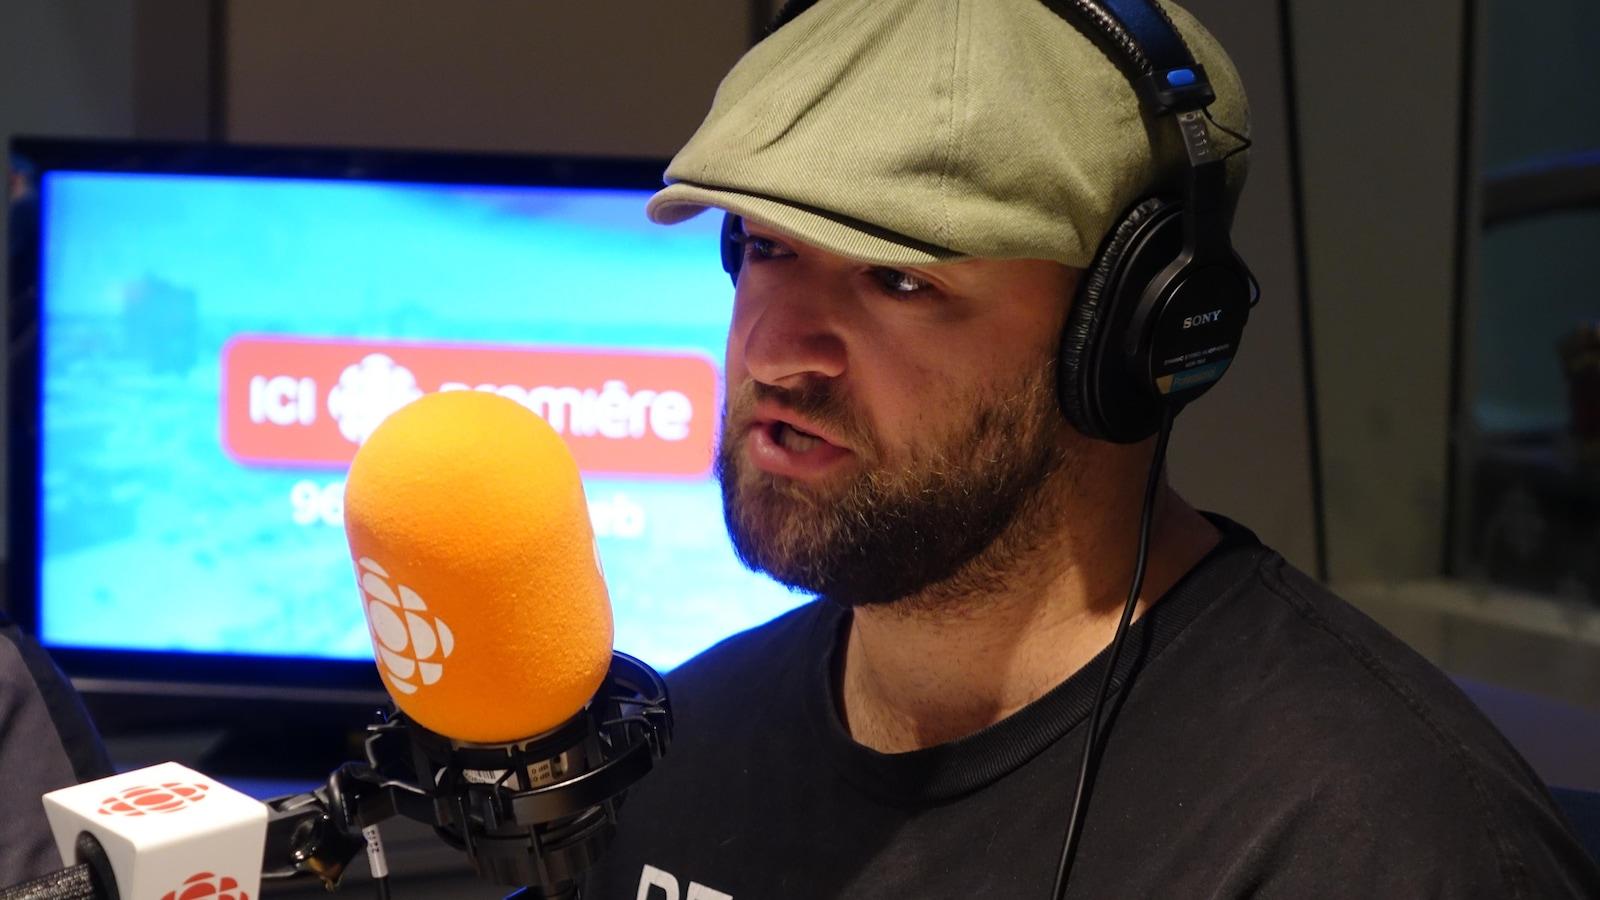 Vincent Desjardins qui parle au micro.